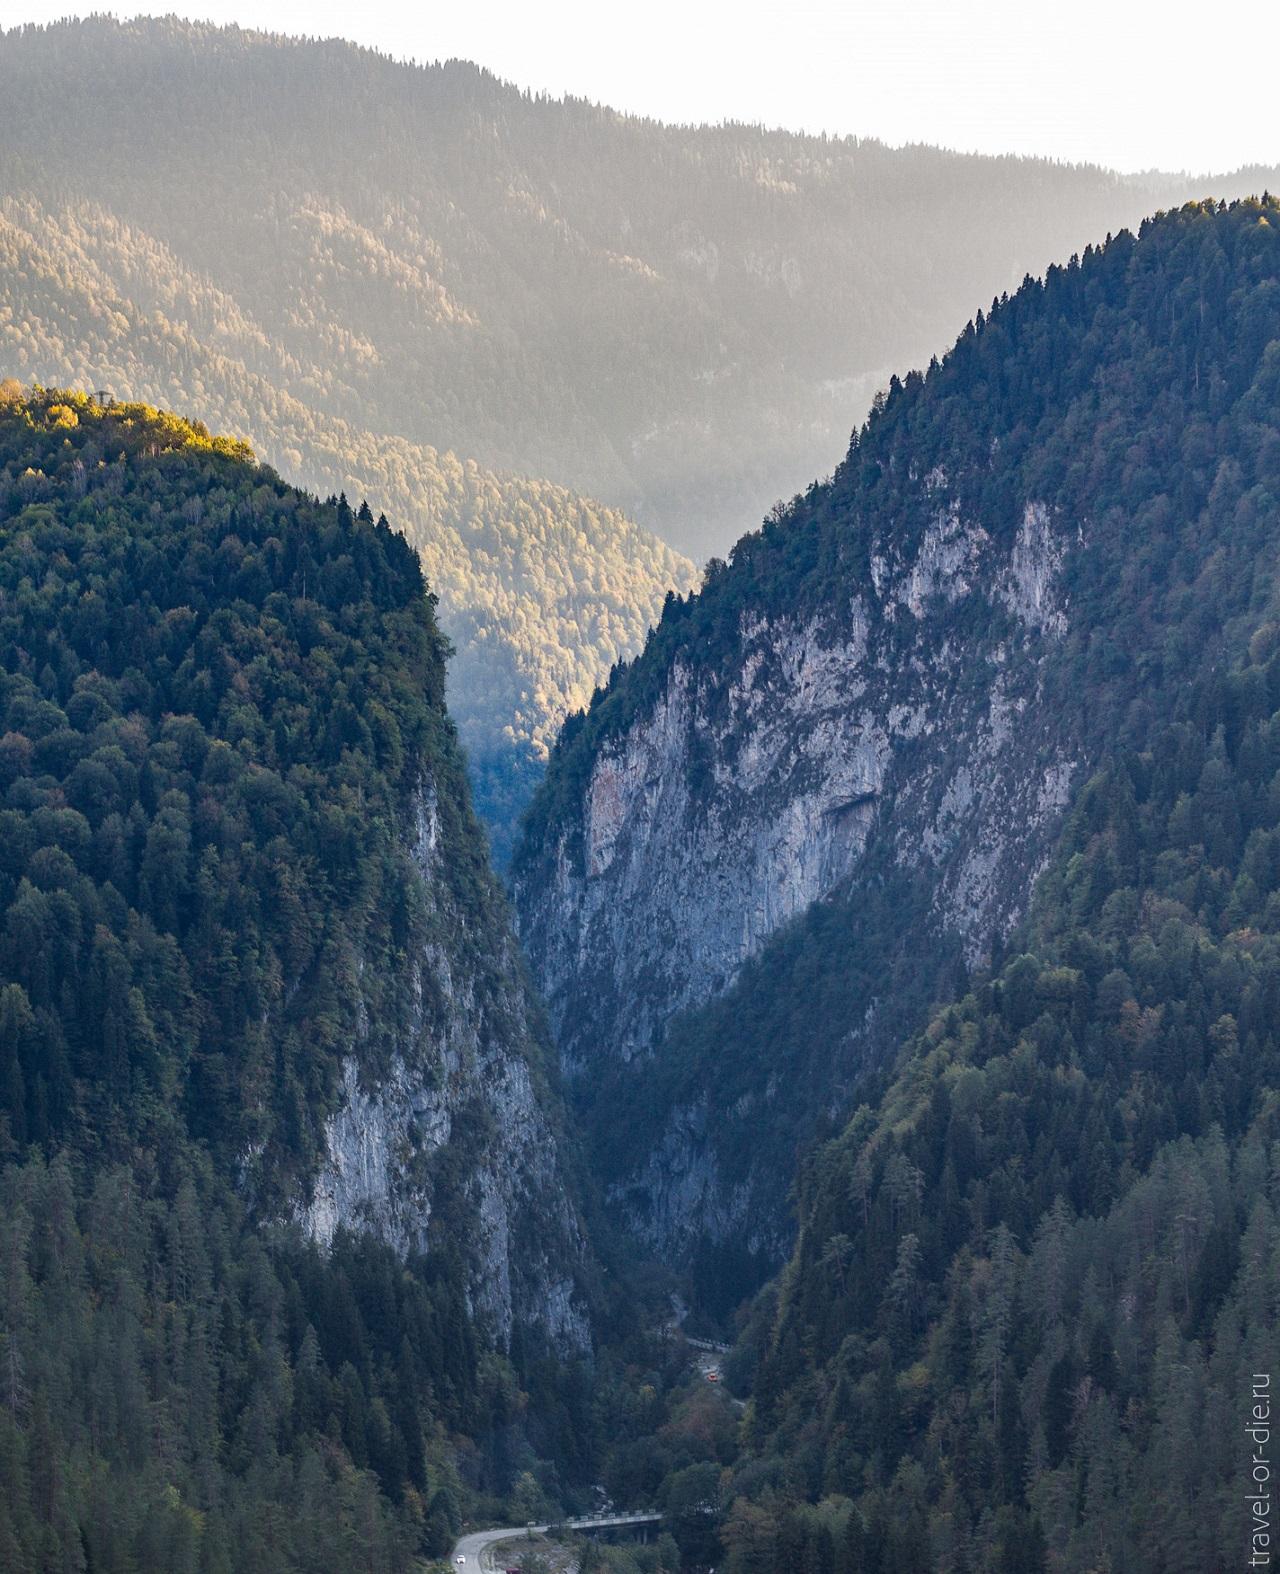 достопримечательности абхазии - Юпшарский каньон